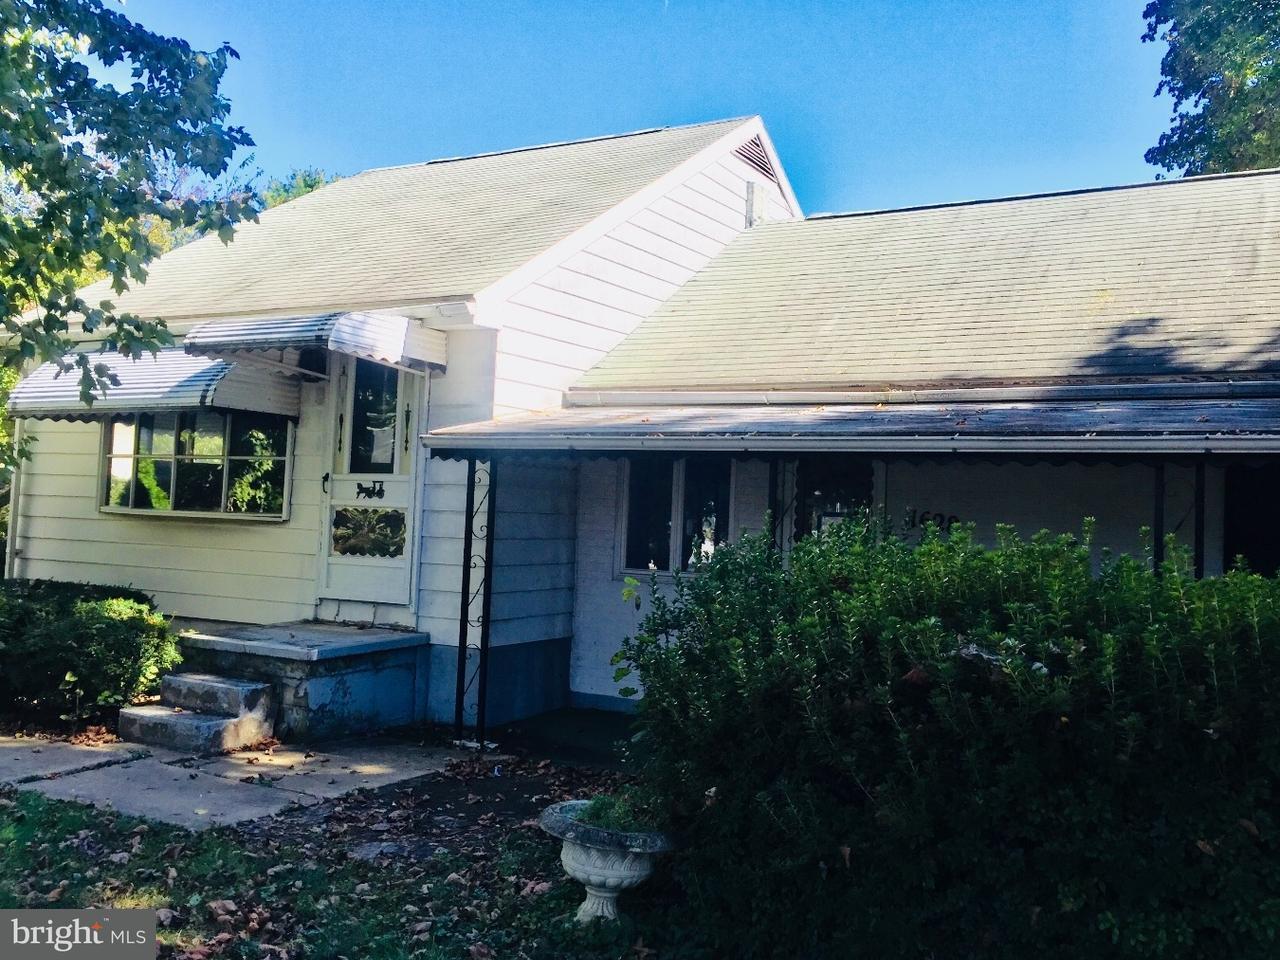 Частный односемейный дом для того Продажа на 1628 HANCOCK BLVD Reading, Пенсильвания 19607 Соединенные Штаты